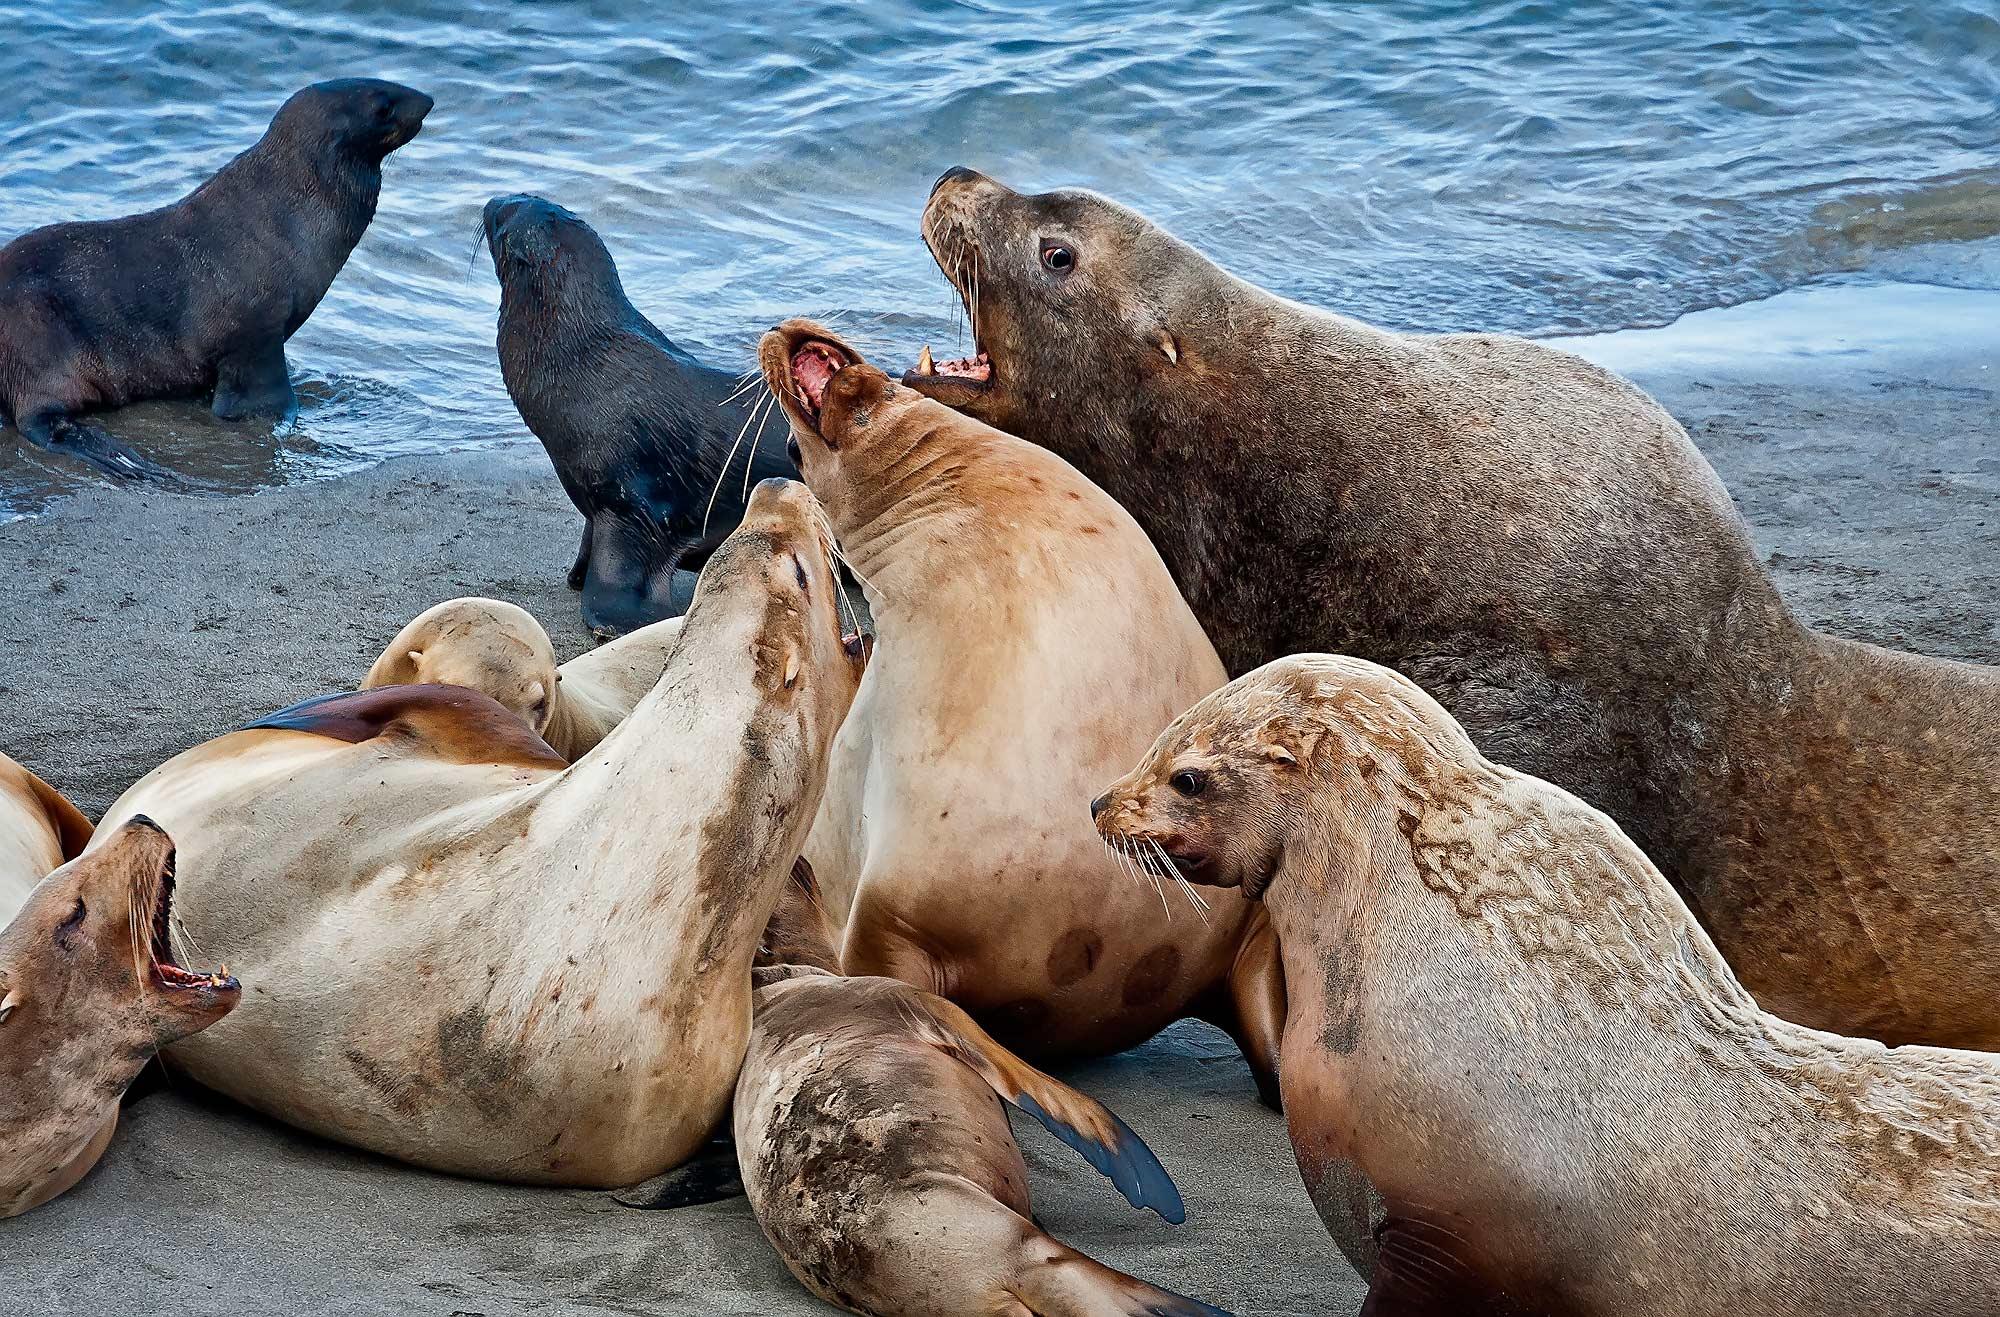 сивучи; eumetopias jubatus; млекопитающие; ластоногие; тюлени ушастые; тихий океан; морские млекопитающие; остров беринга; командорские острова; командоры, Дмитрий Уткин